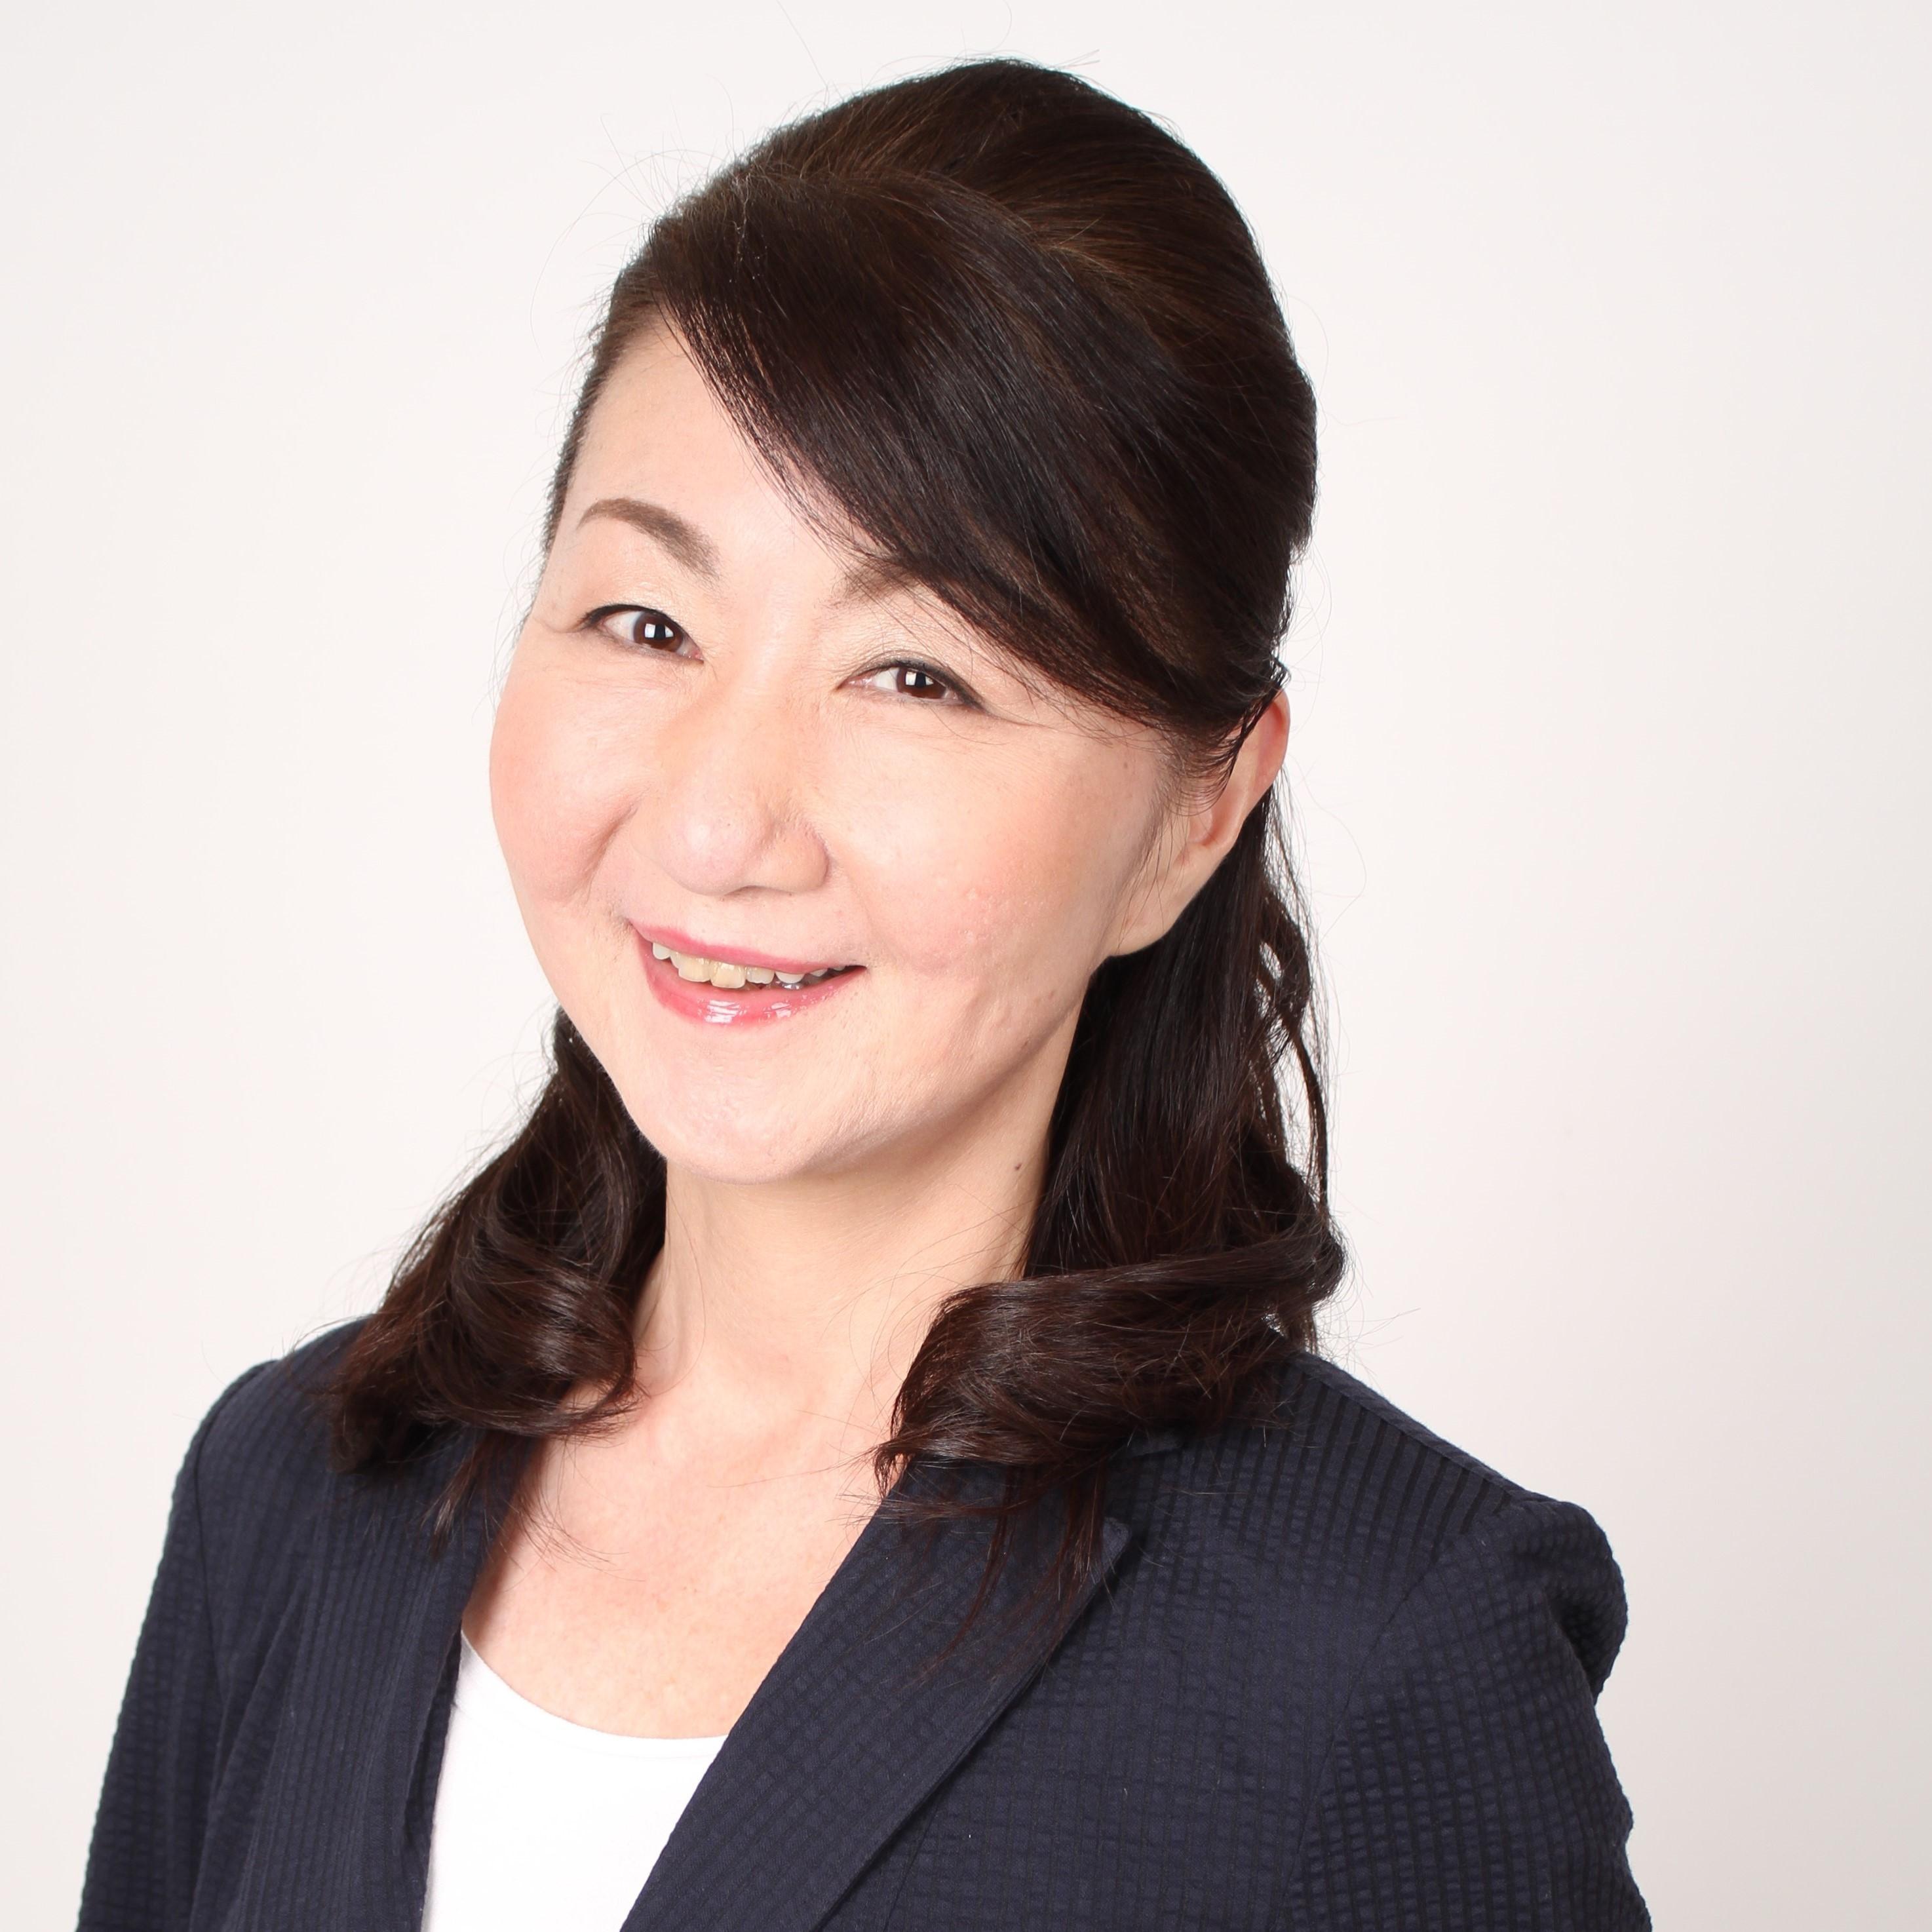 岡田 百合香